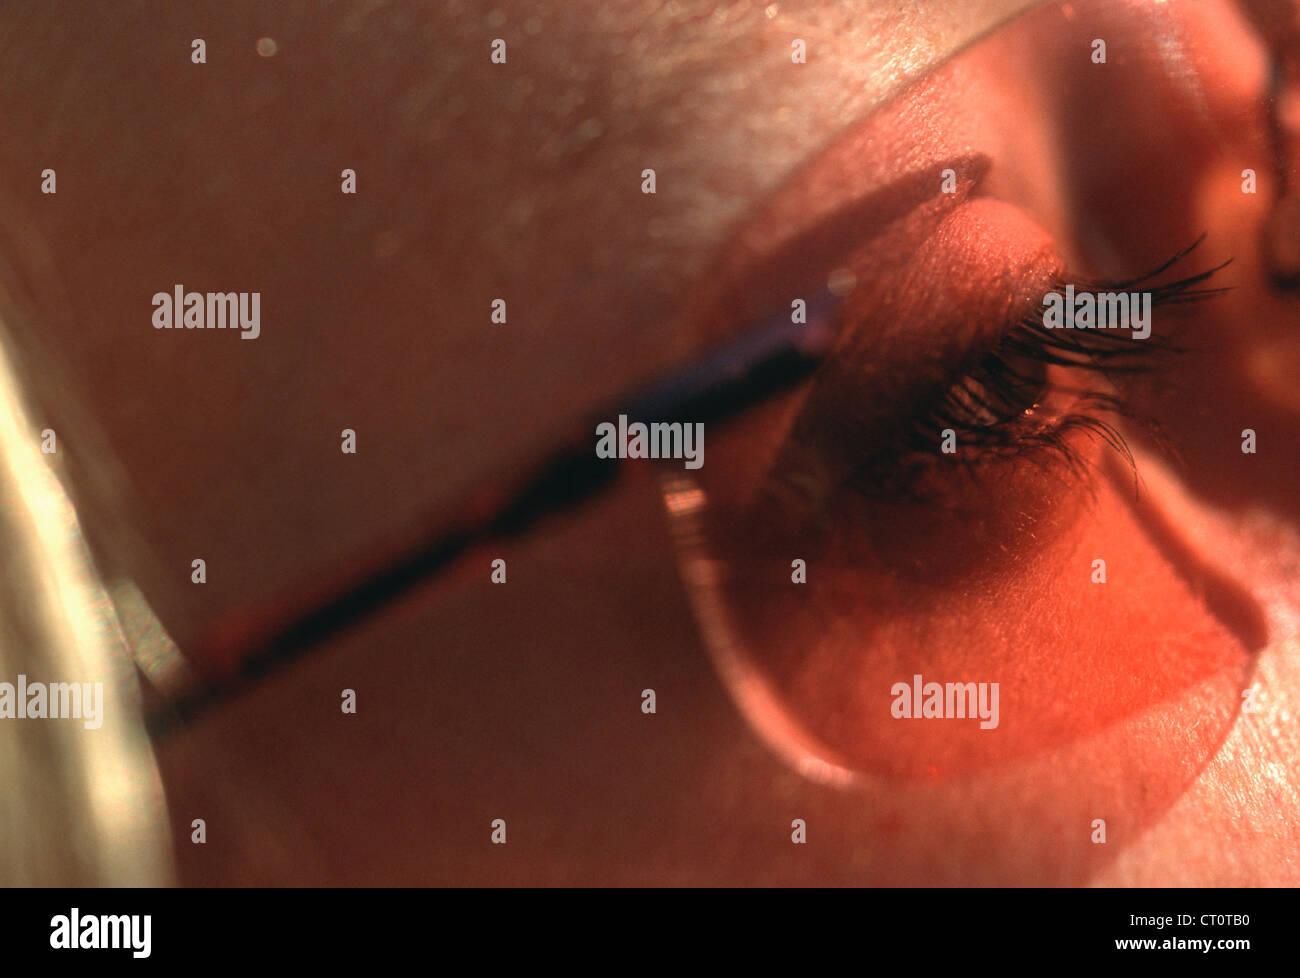 Oeil regarde à travers des lunettes de soleil en plastique Photo Stock da69433ab9f6